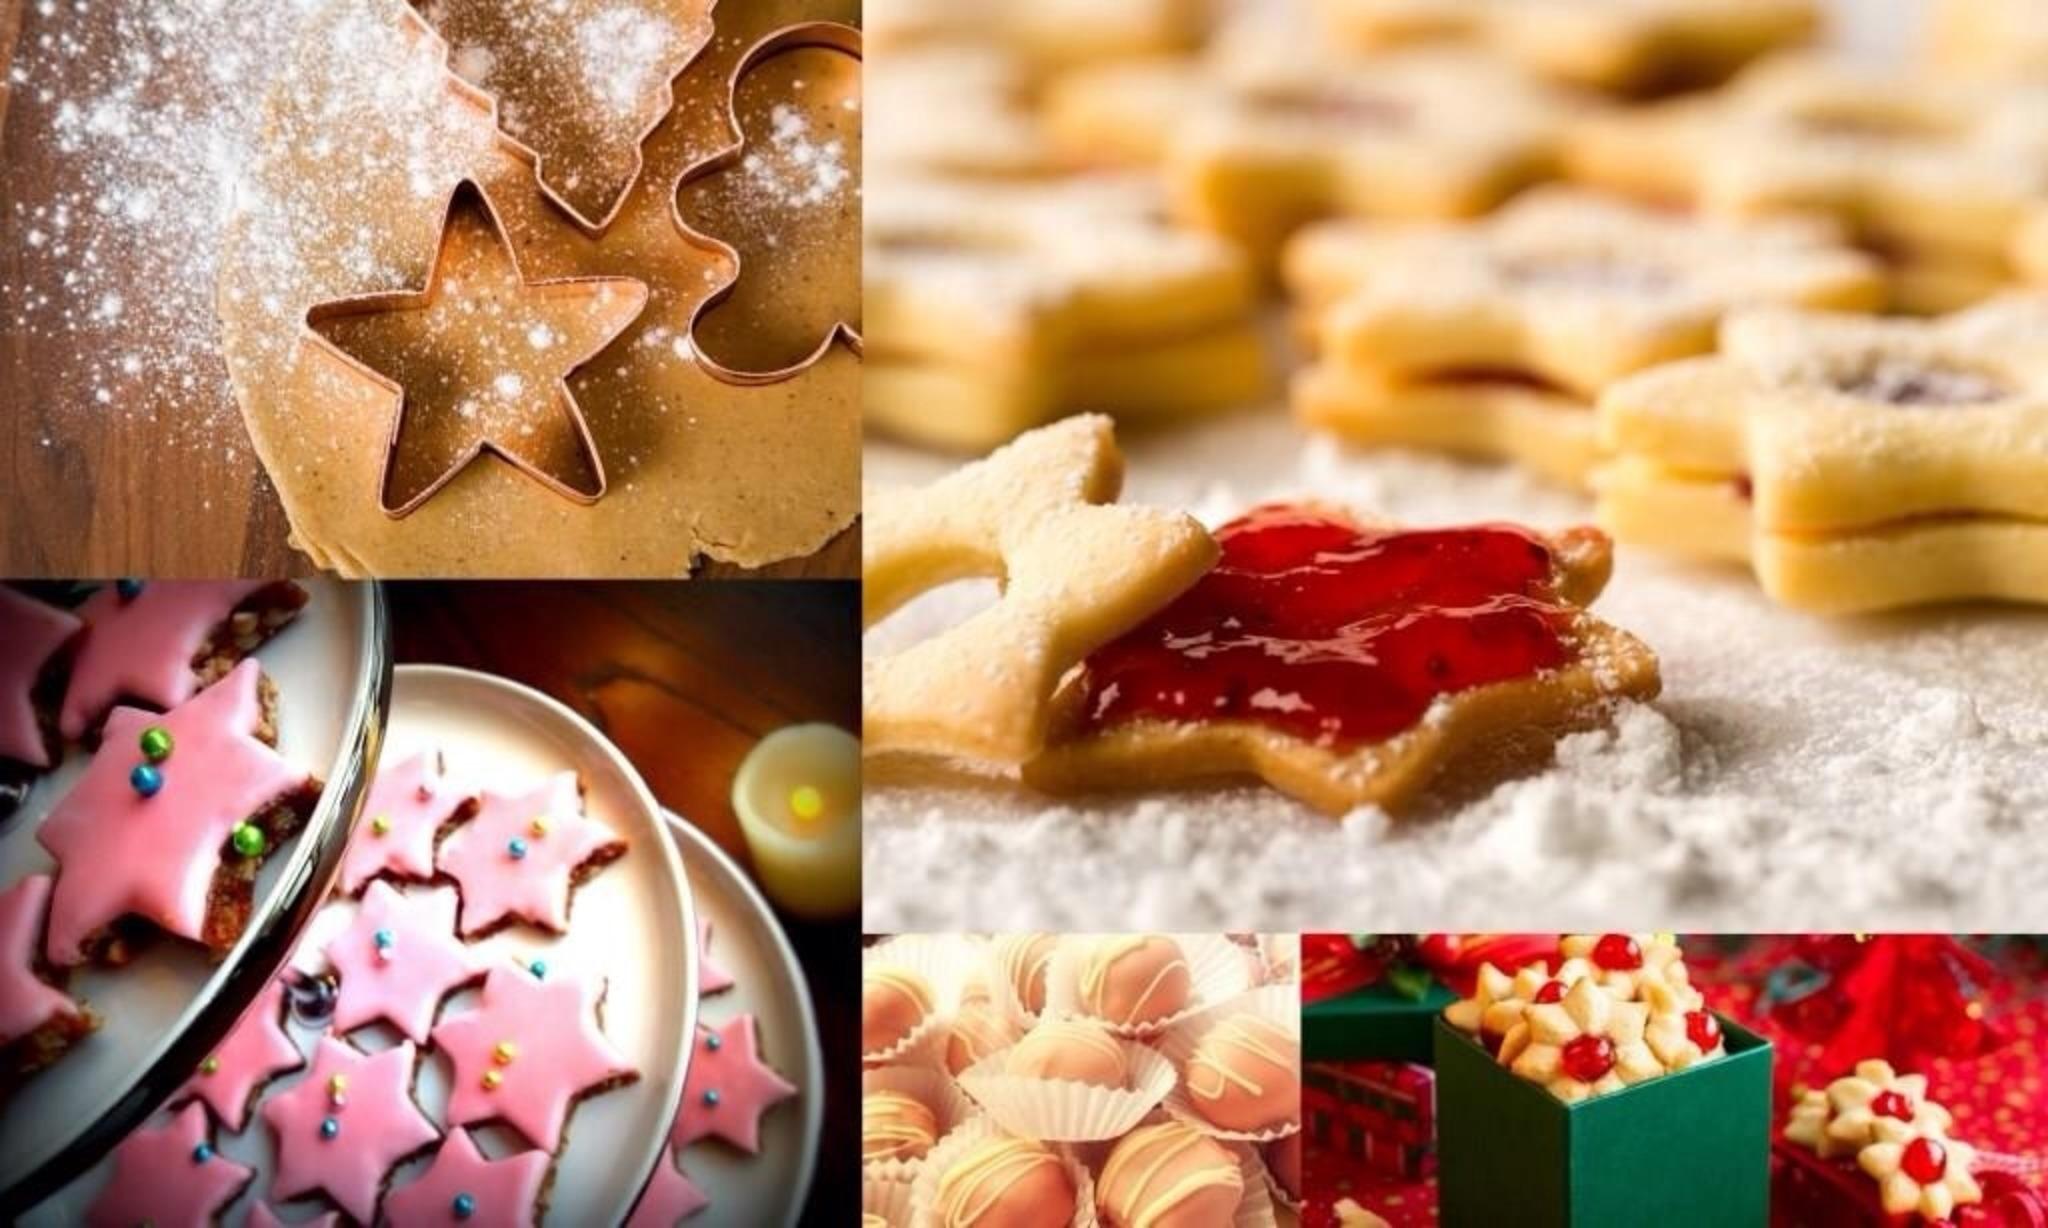 Weihnachtskekse Bestellen österreich.Handgefertigte Weihnachtskekse Bestellen Meidling